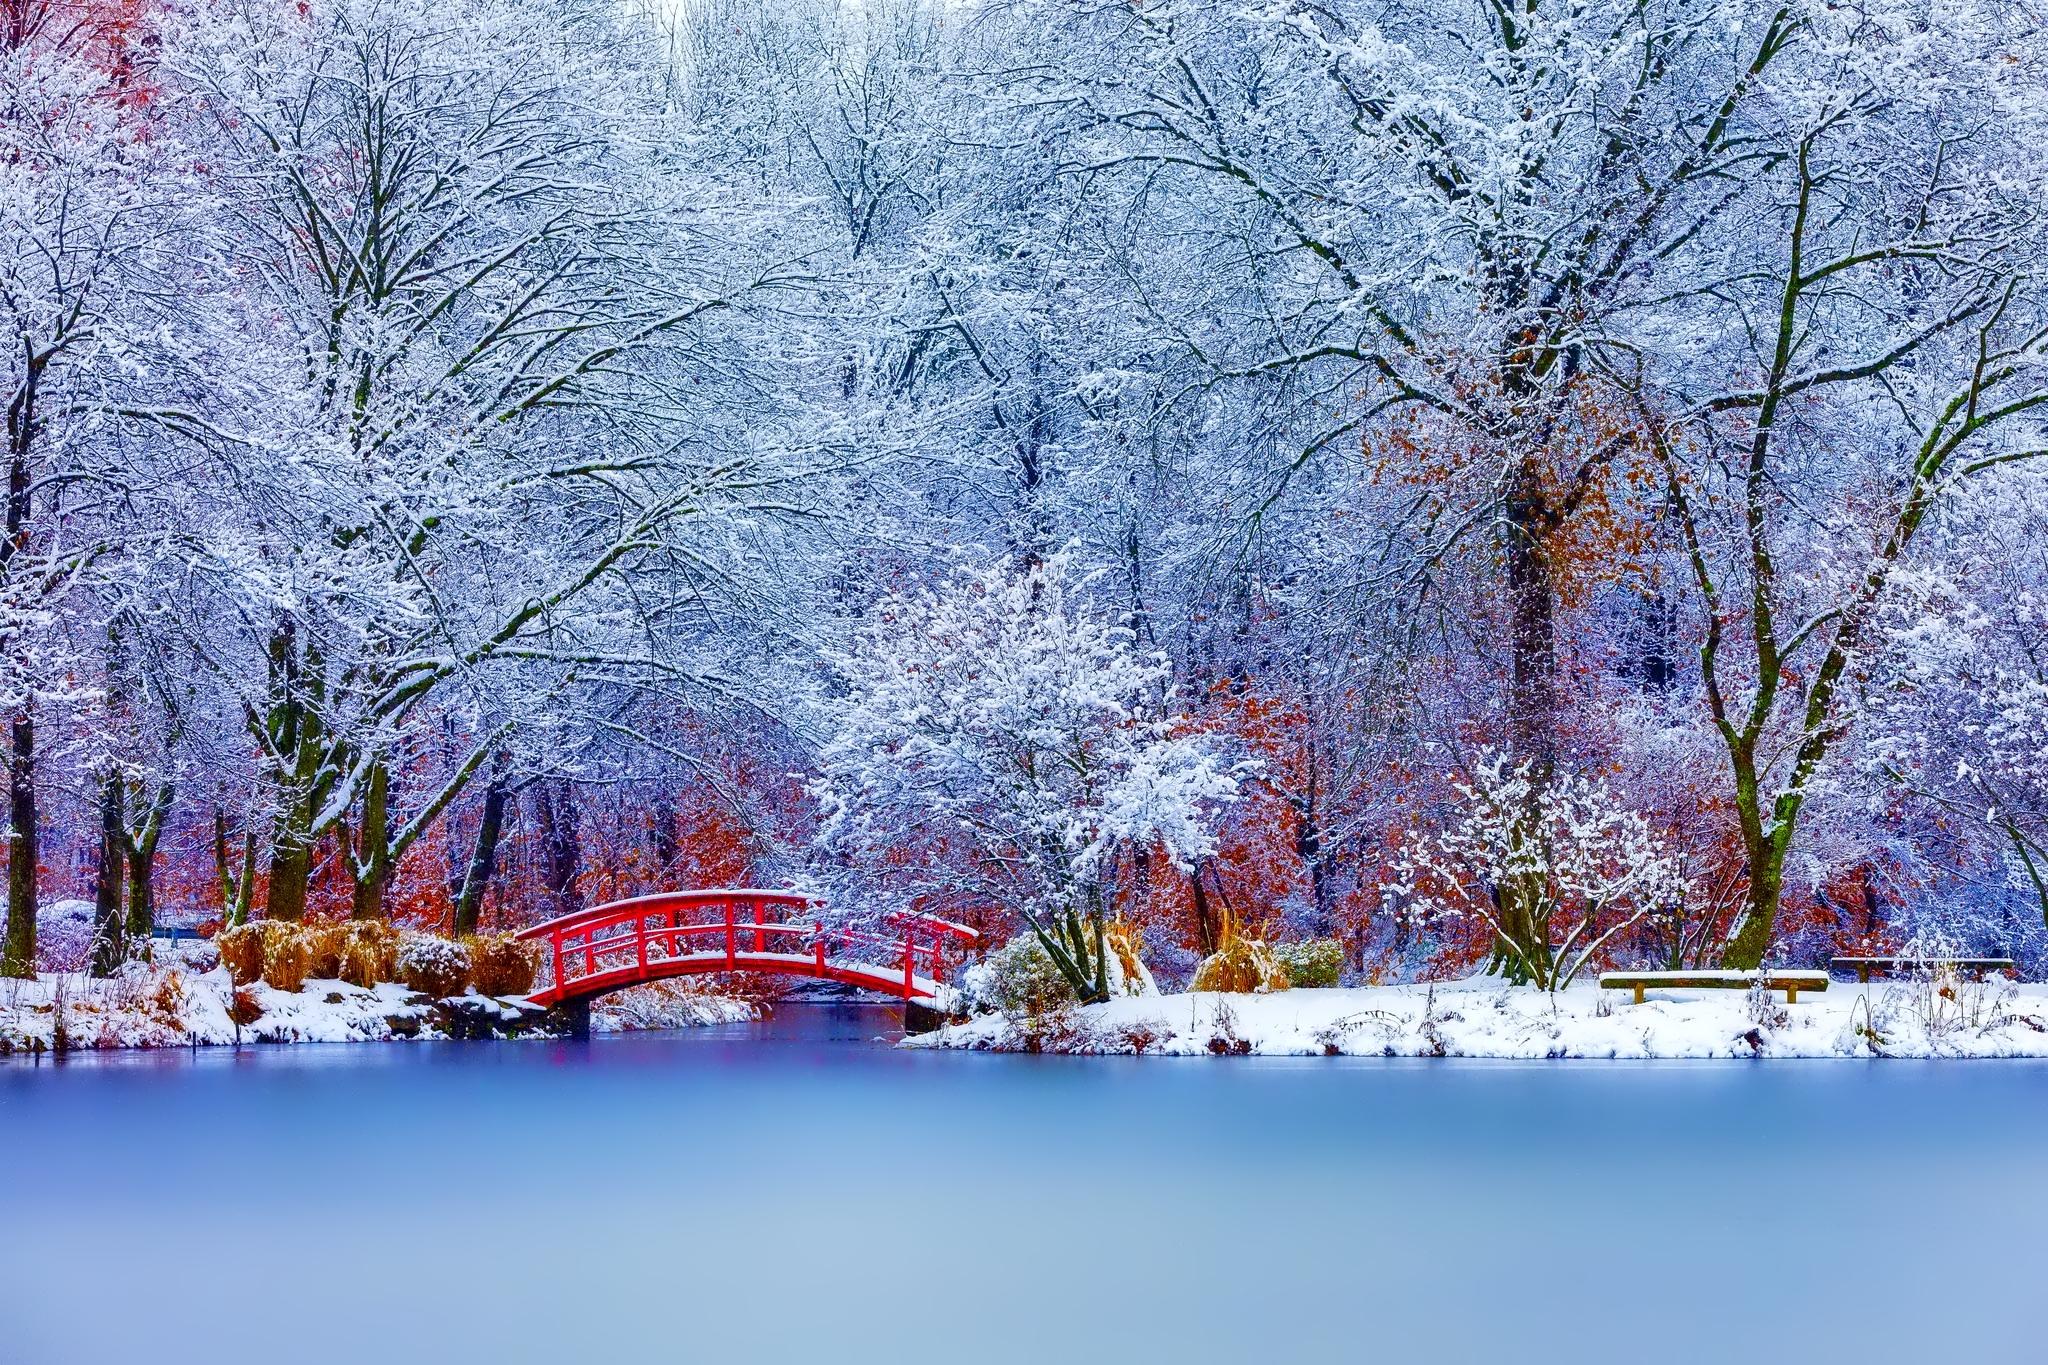 обои для рабочего стола на тему зима скачать бесплатно № 147287 бесплатно